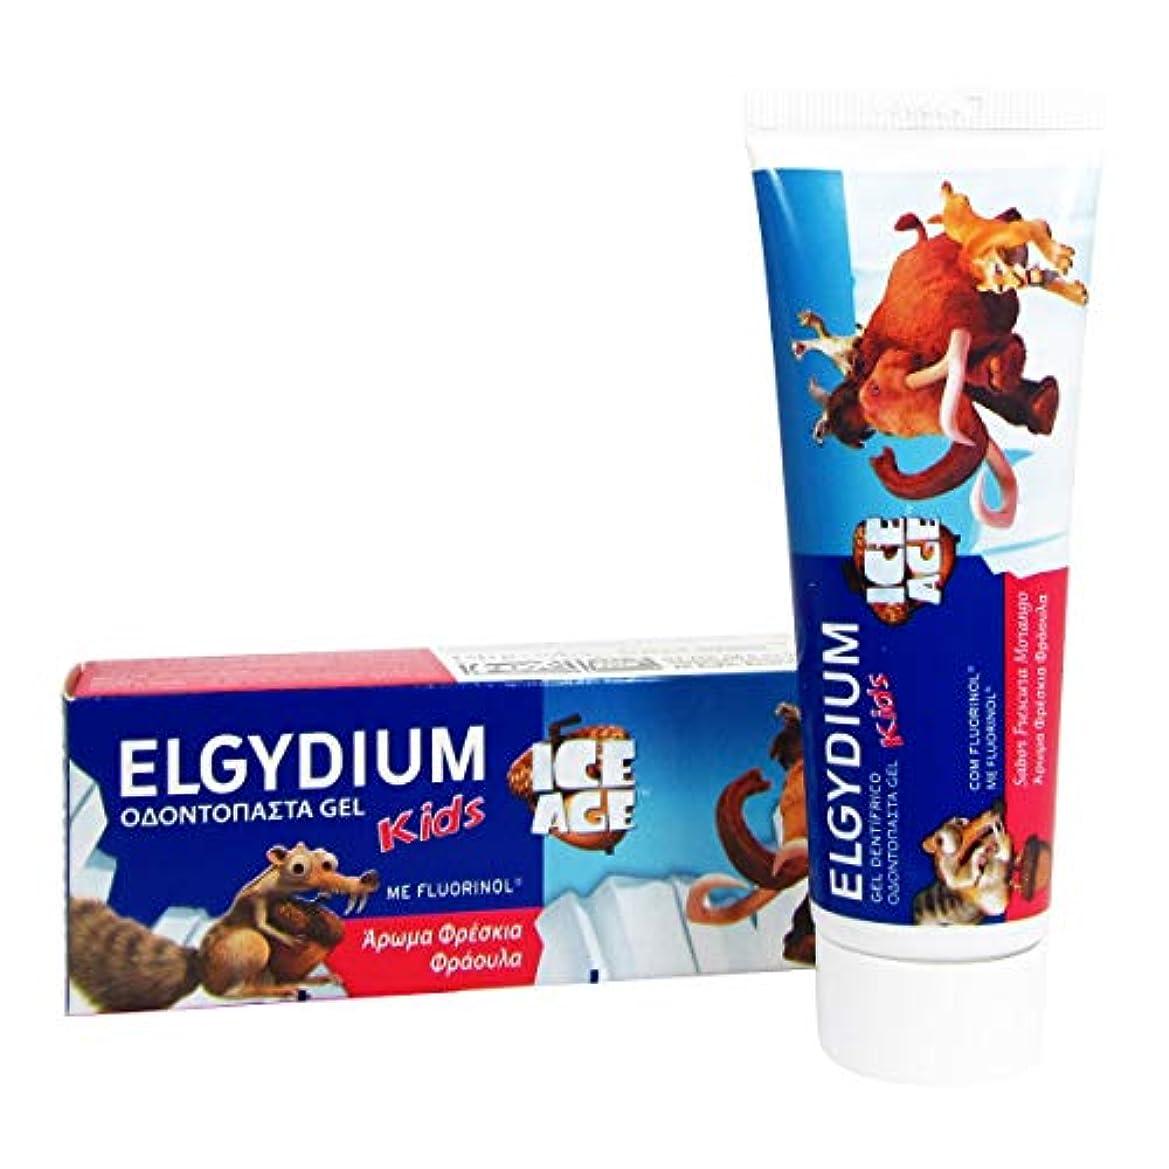 トランジスタ束周りElgydium Kids Ice Age Toothpaste Toothpaste Gel 50ml [並行輸入品]